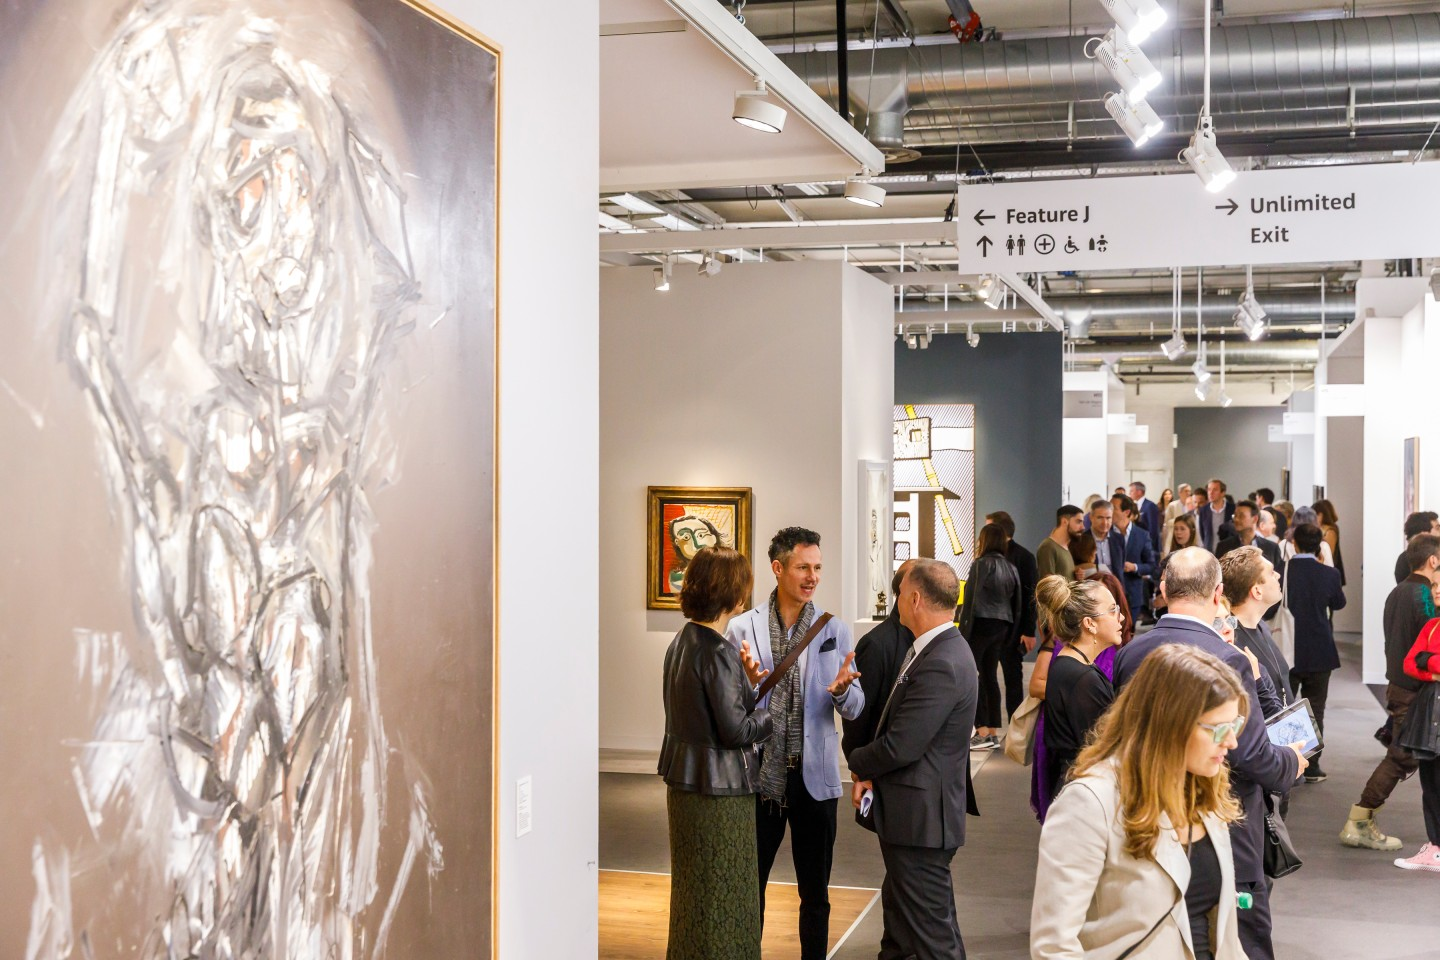 Der Junge Freundeskreis vergibt jährlich Reisestipendien für Volontär*innen zur Besichtigung der international bedeutenden Kunstmesse Art Basel, Foto: © Art Basel